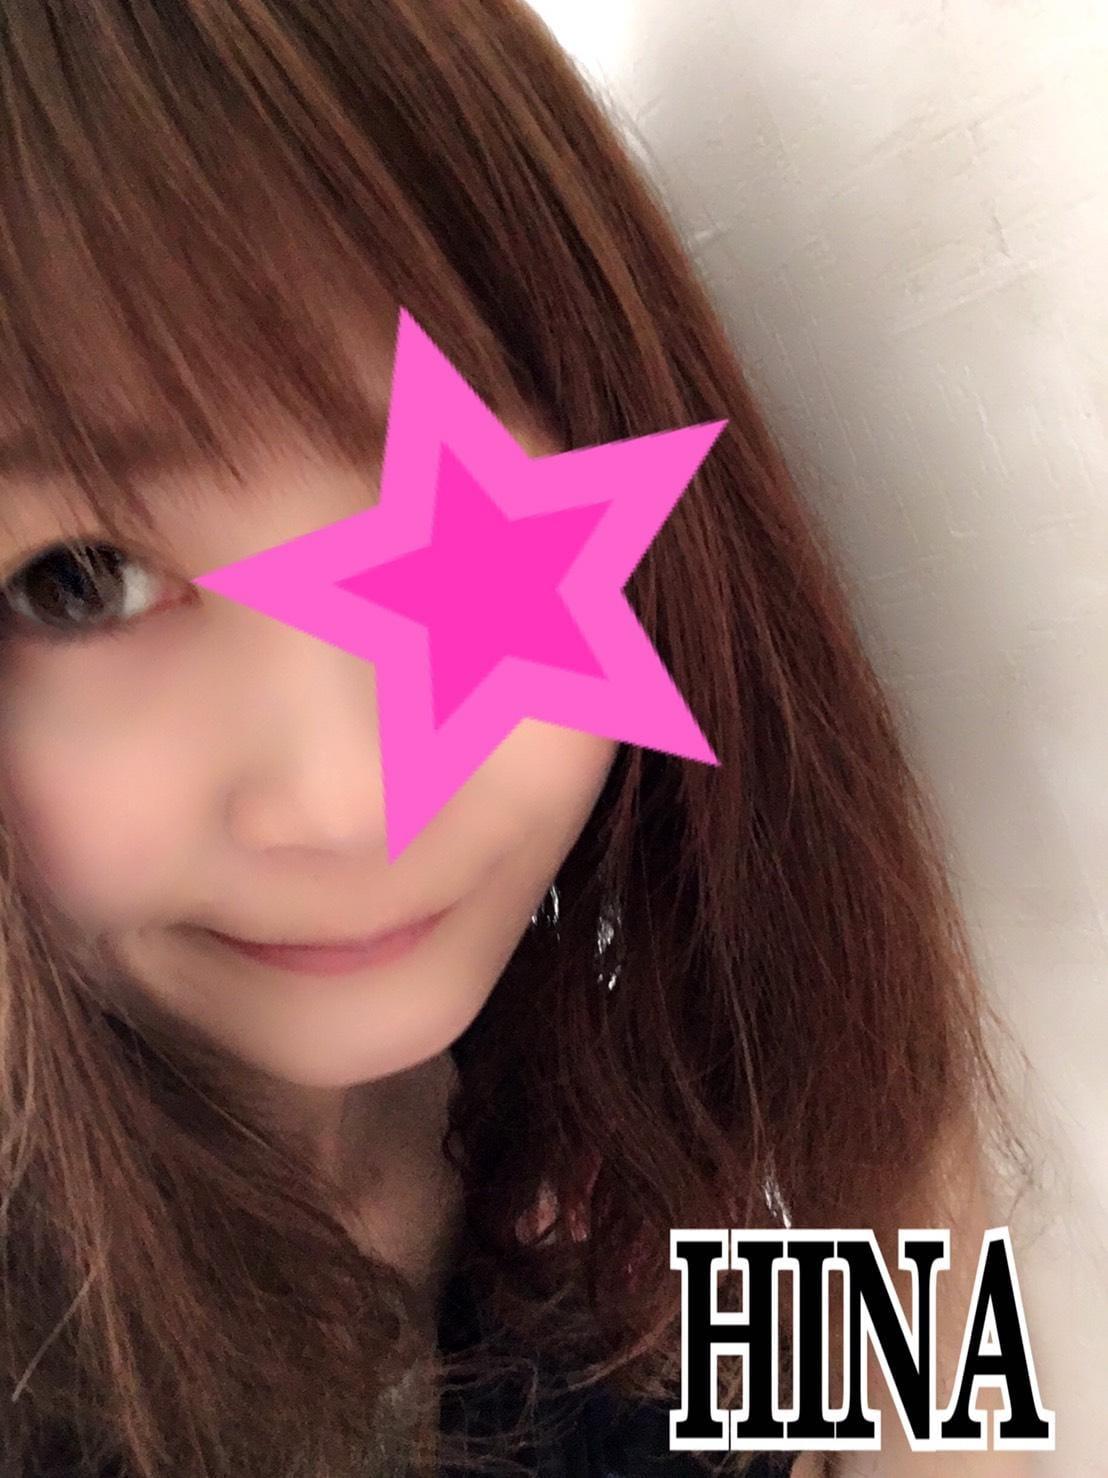 「こんにちわ♪」06/04(06/04) 13:55 | HINA(ヒナ)の写メ・風俗動画